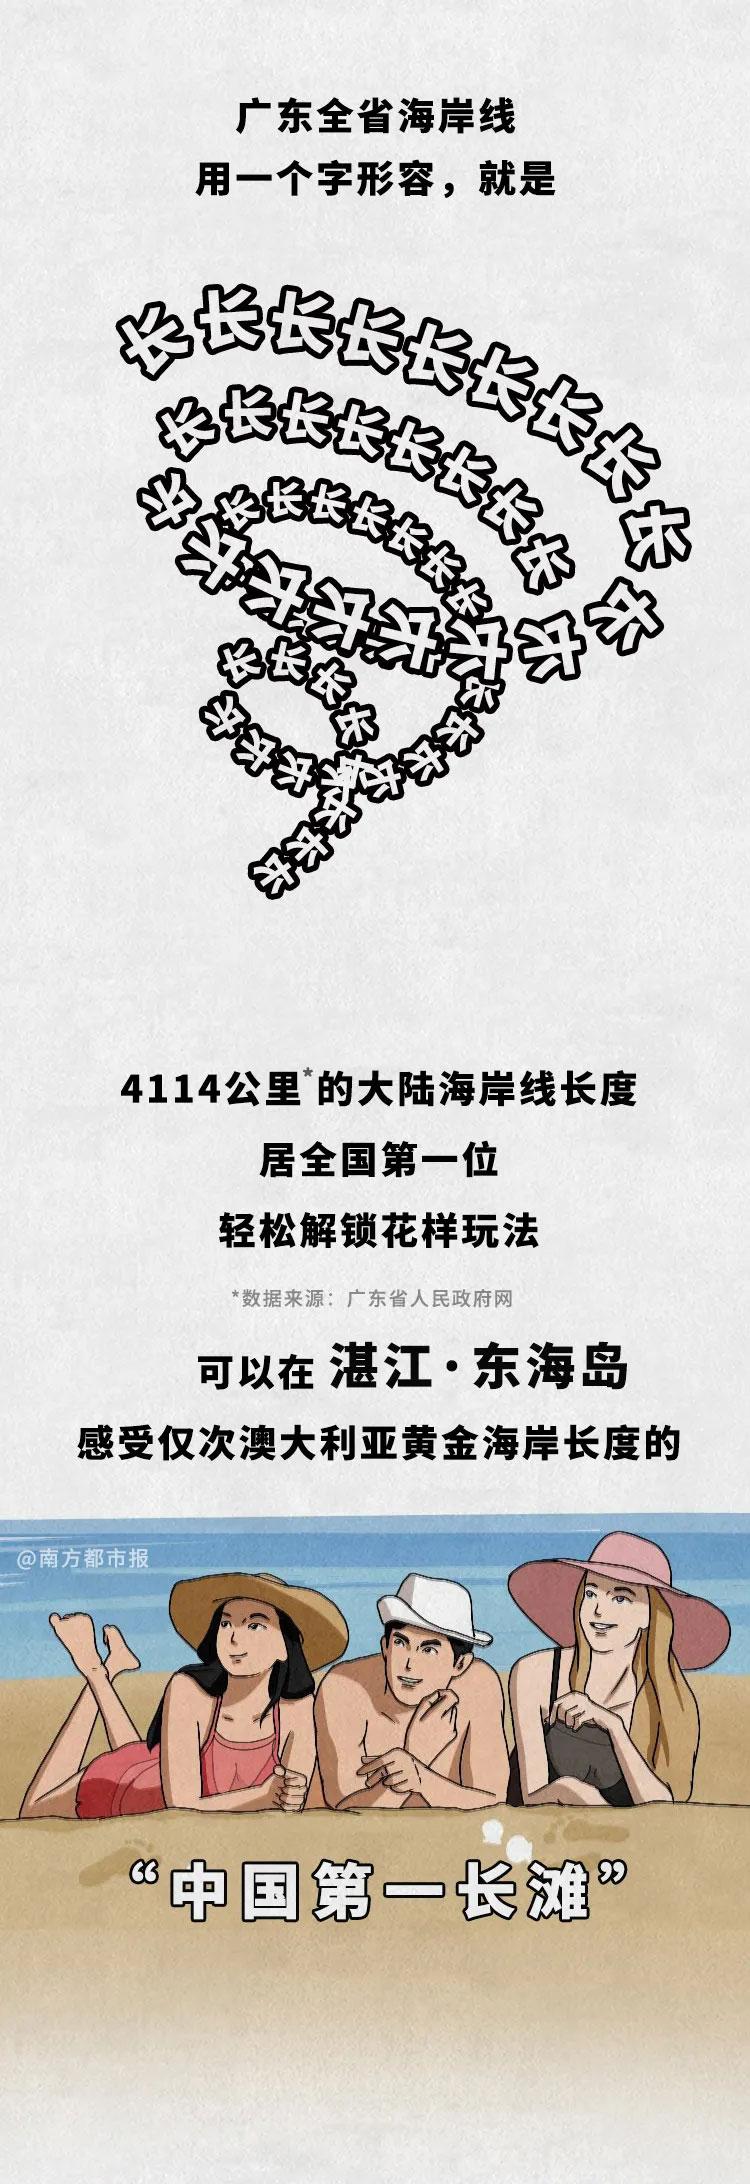 广东环境我来吹,冲鸭广东环境3